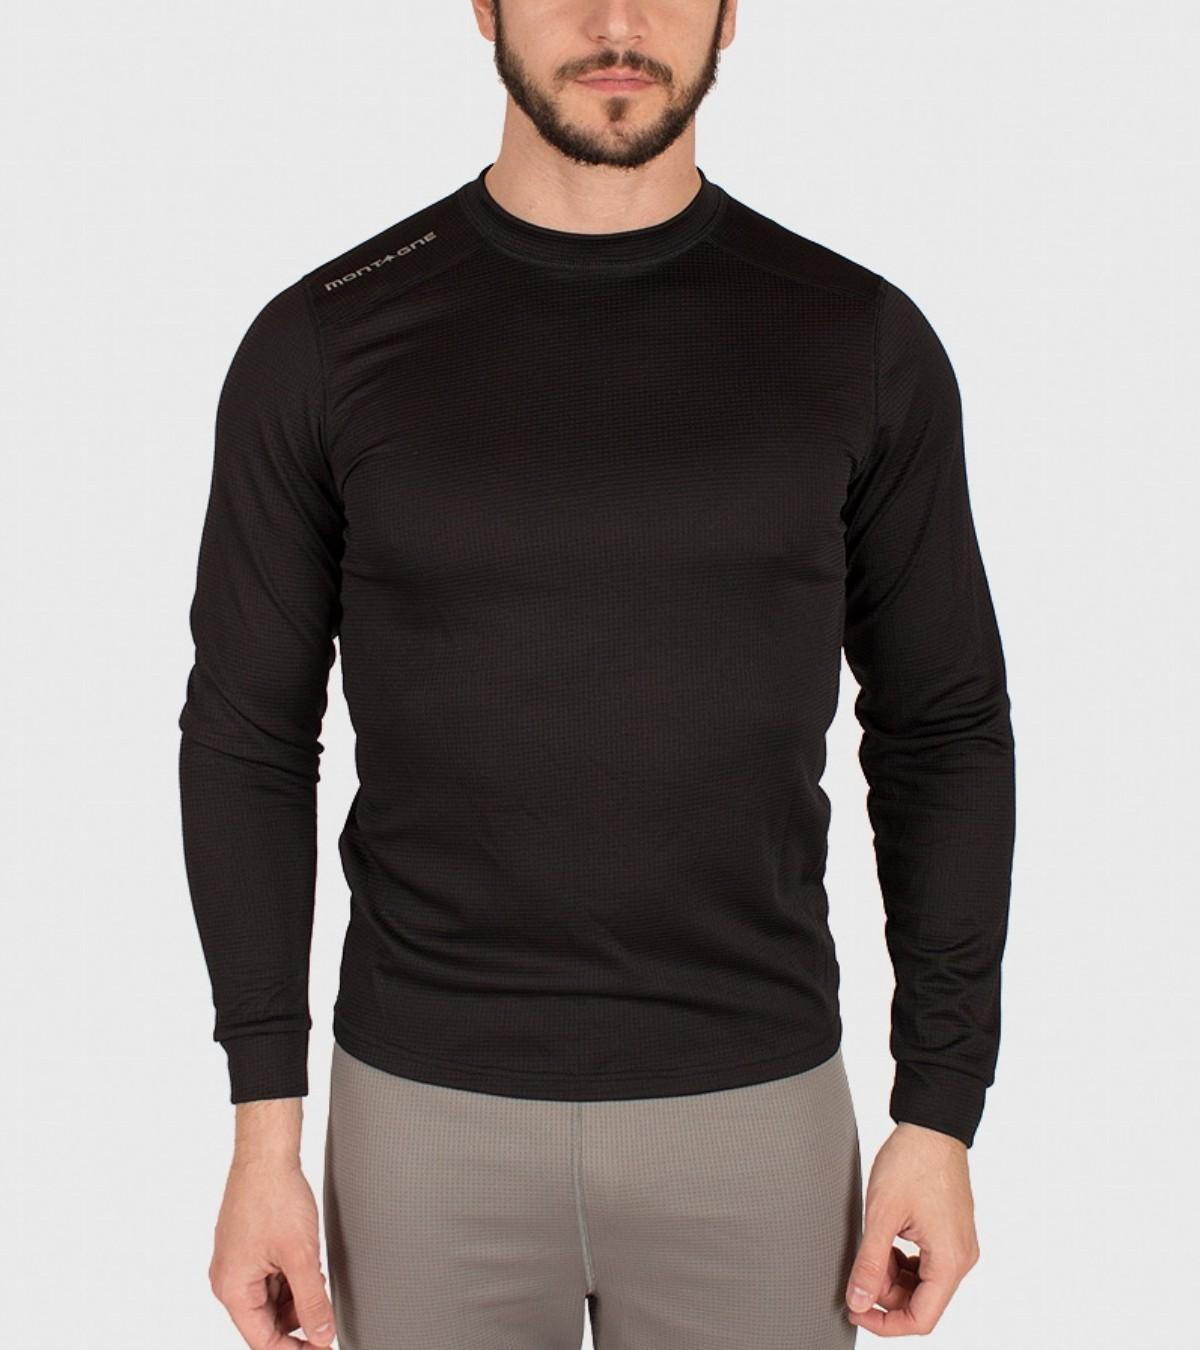 baratas para descuento 7e284 b7c48 Camiseta térmica de hombre Roy